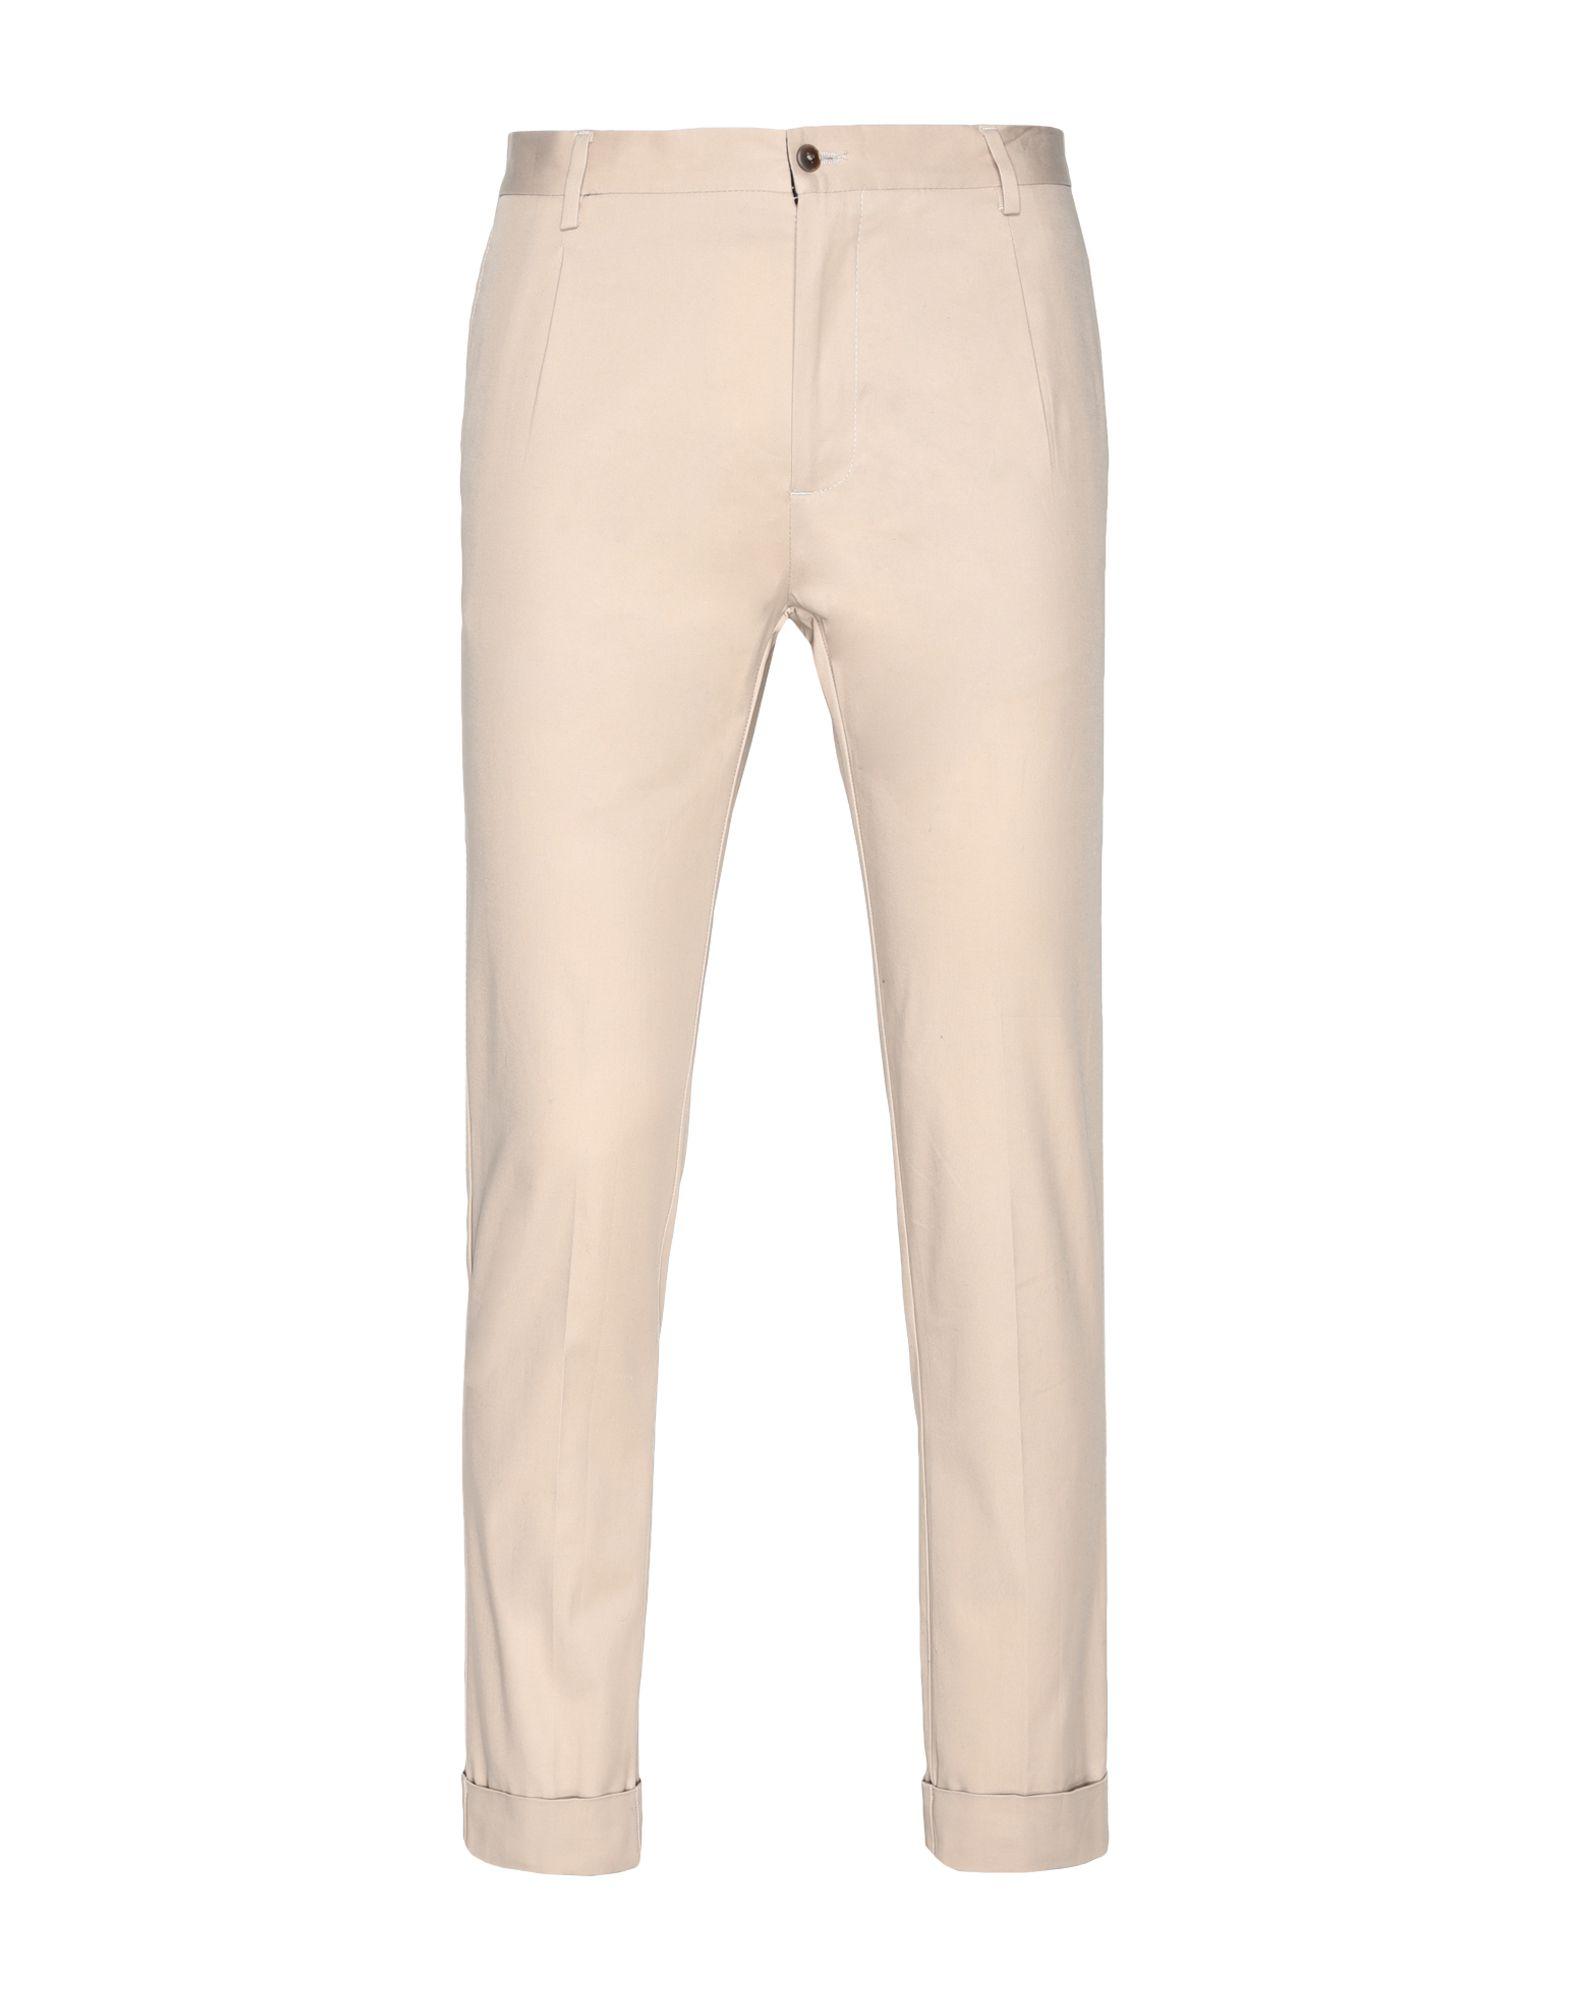 8 by YOOX Повседневные брюки брюки дудочки 7 8 из хлопкового сатина